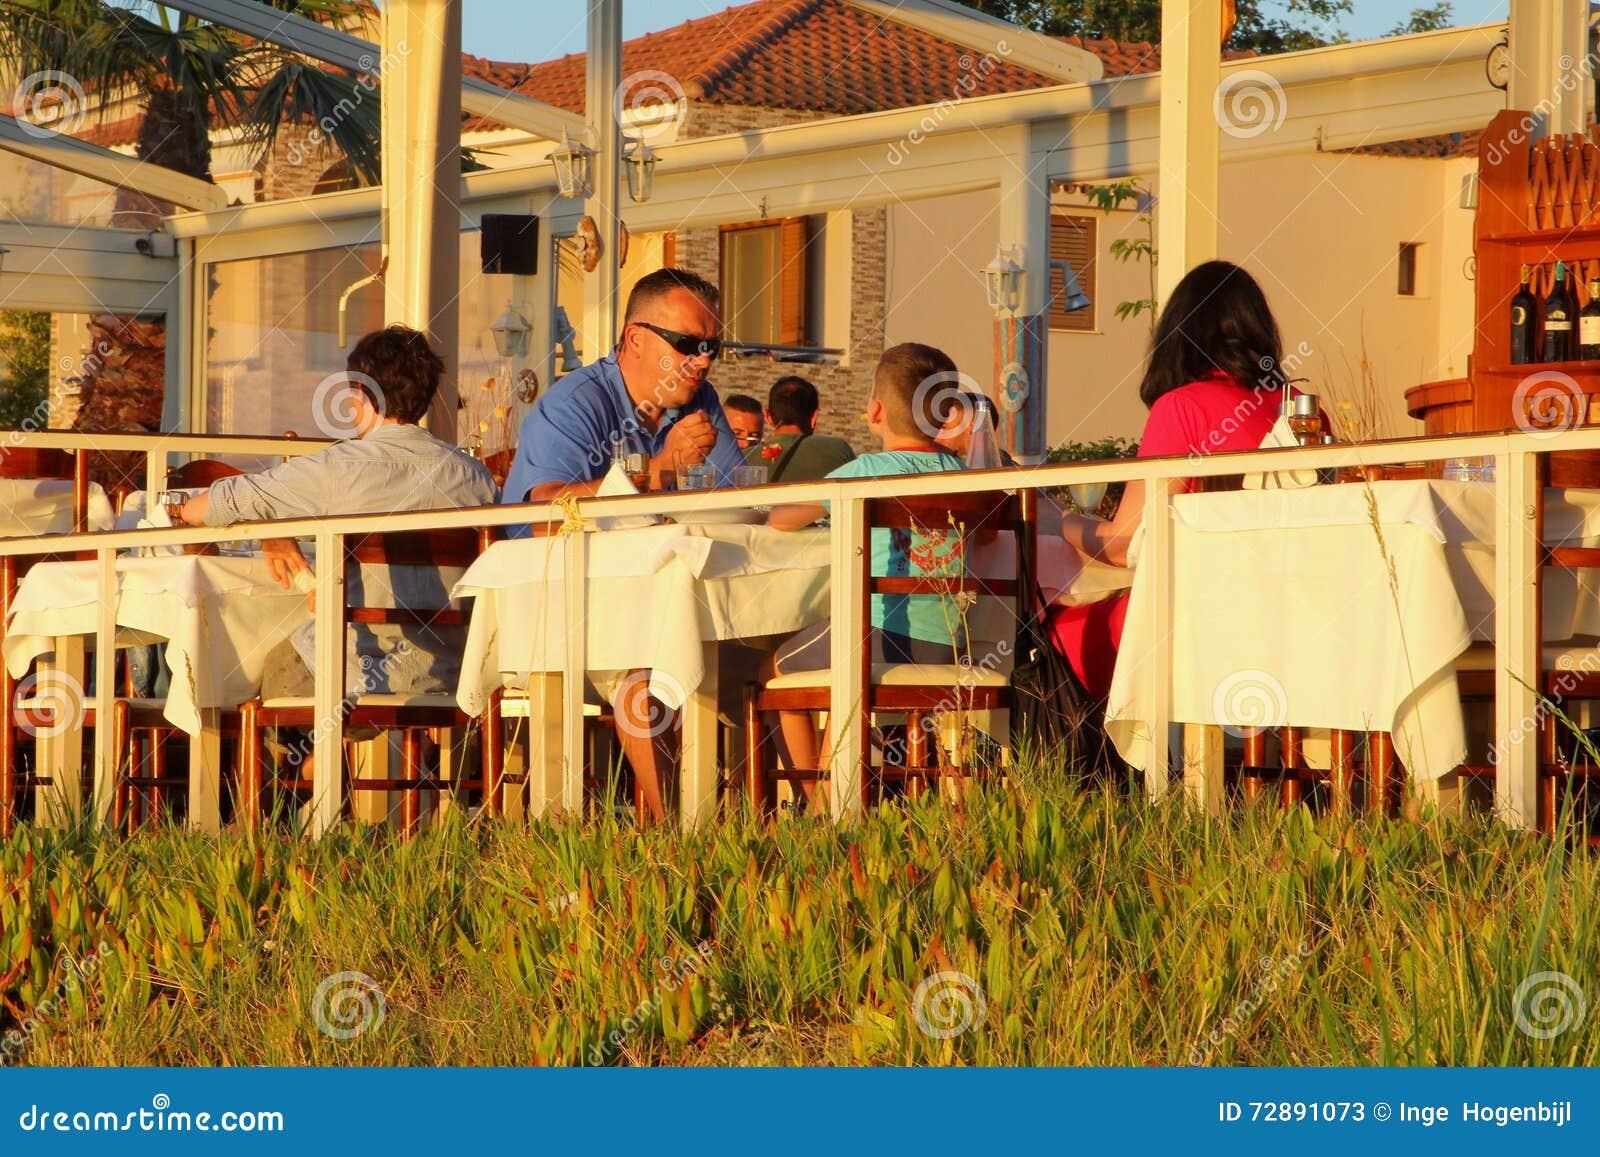 Encantador Cocina De La Familia Griega Imagen - Ideas Del Gabinete ...